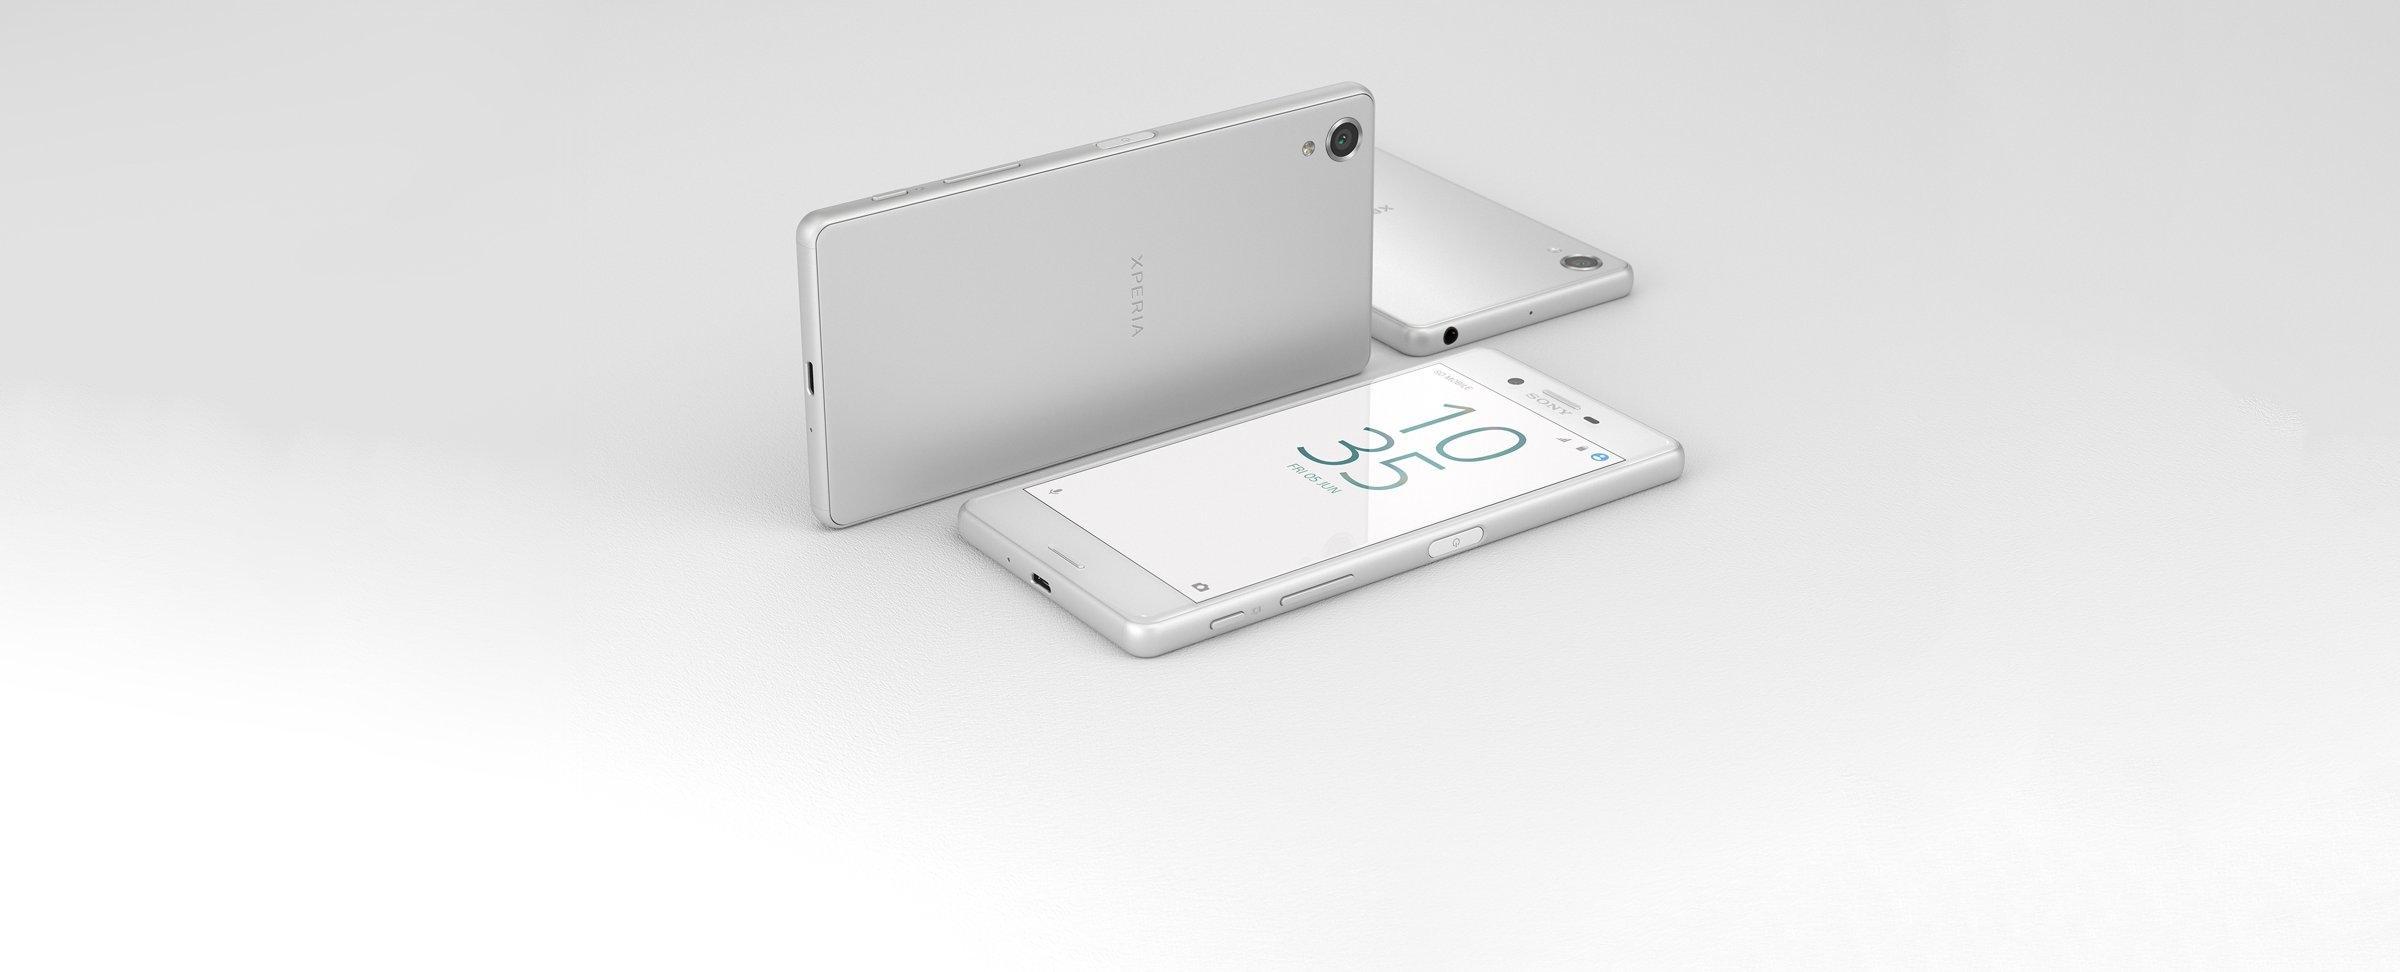 Владельцам Sony Xperia X доступна функция выбора ОС